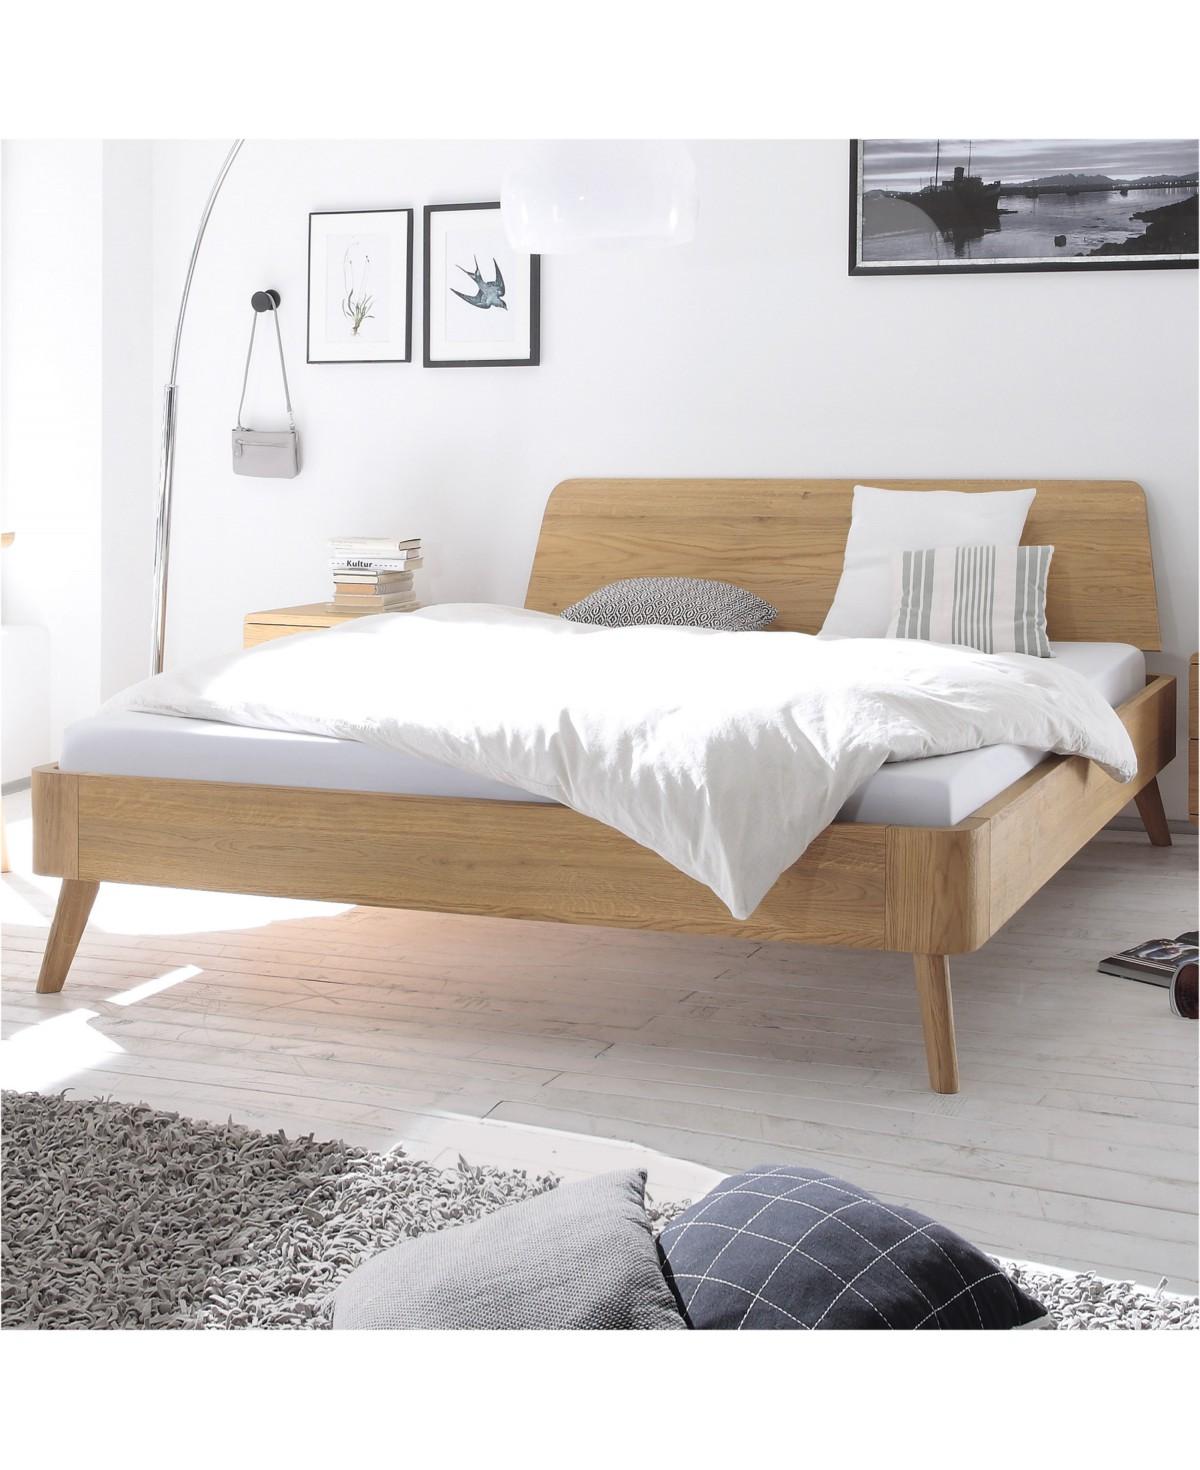 Full Size of Hasena Oak Bianco Eiche Bett Masito 25 Kopfteil Edda 120x200 Podest Baza 120 Kolonialstil Betten Bei Ikea Außergewöhnliche Mit Matratze Und Lattenrost Bett 120x200 Bett